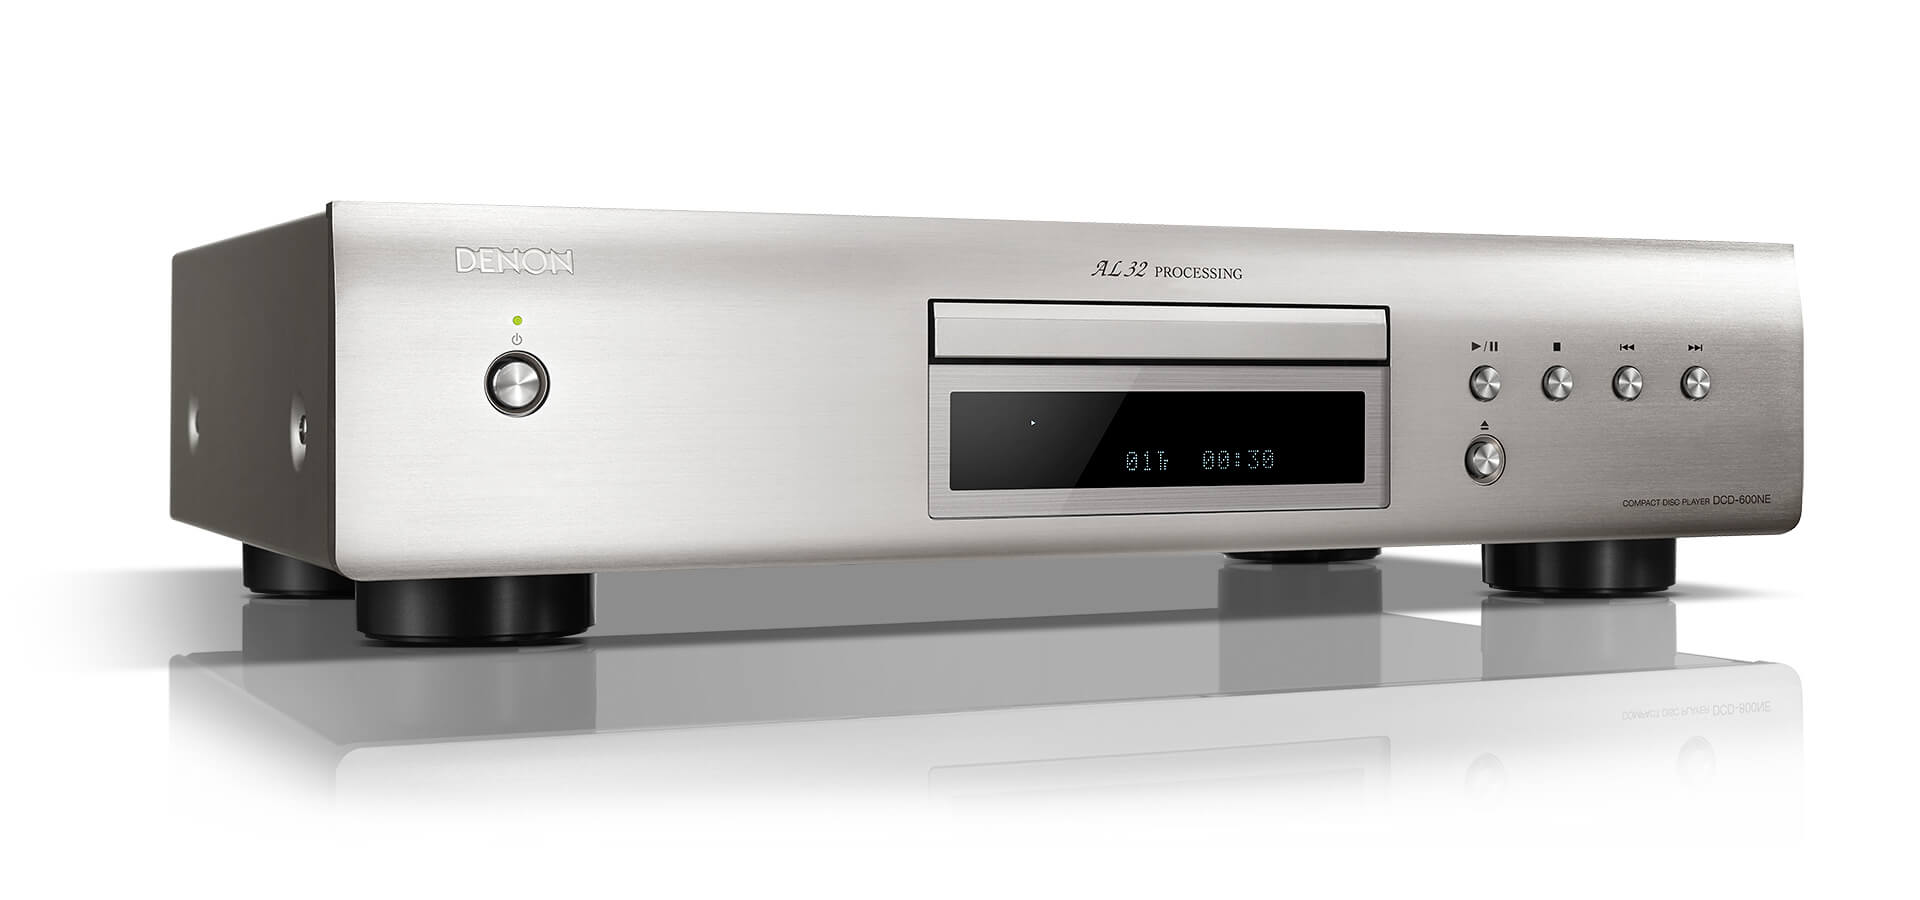 Denon DCD-600NE Barevné provedení: stříbrné - premium silver